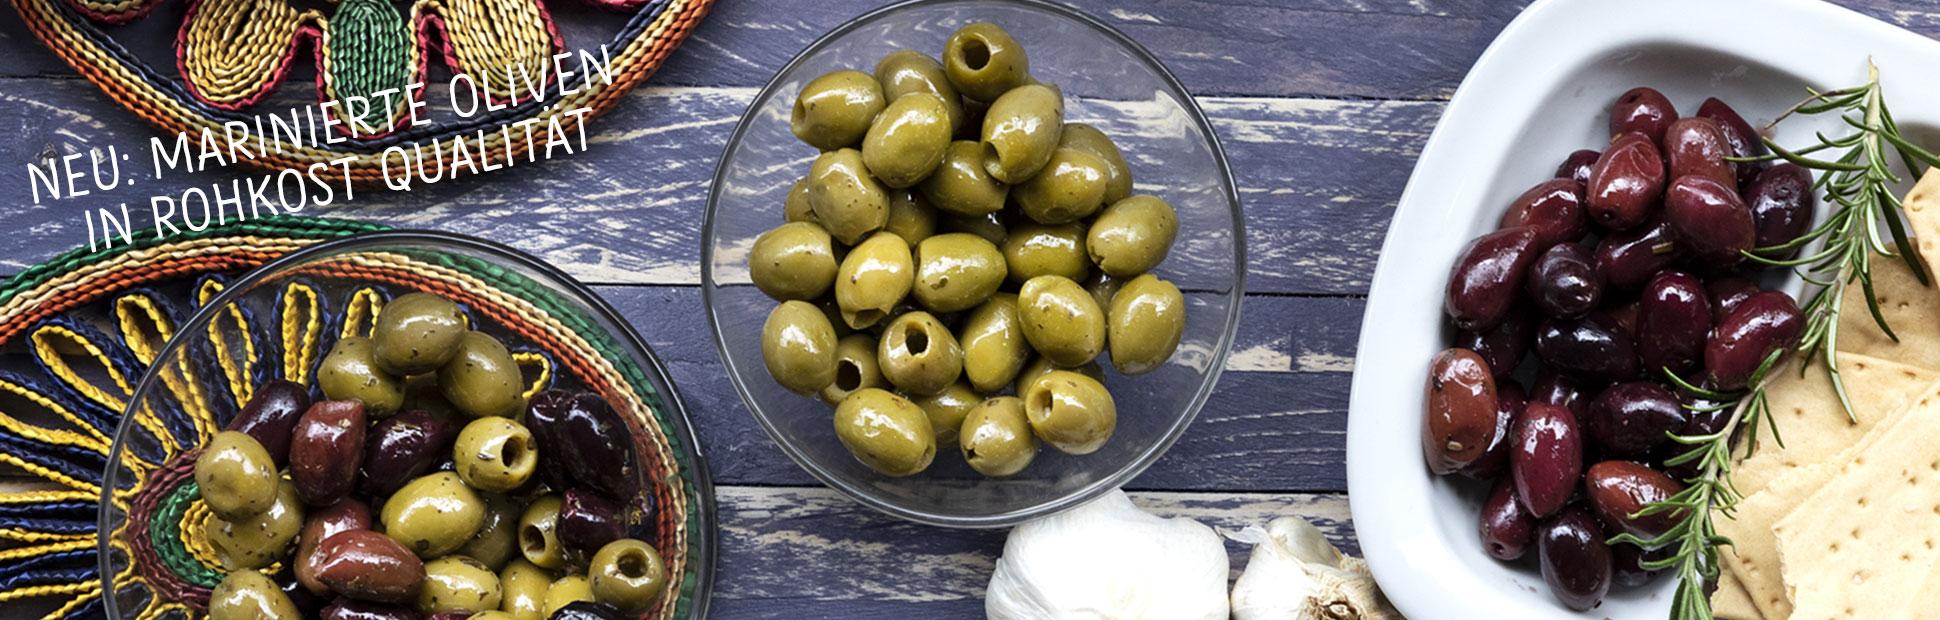 Oliven in Rohkost-Qualität